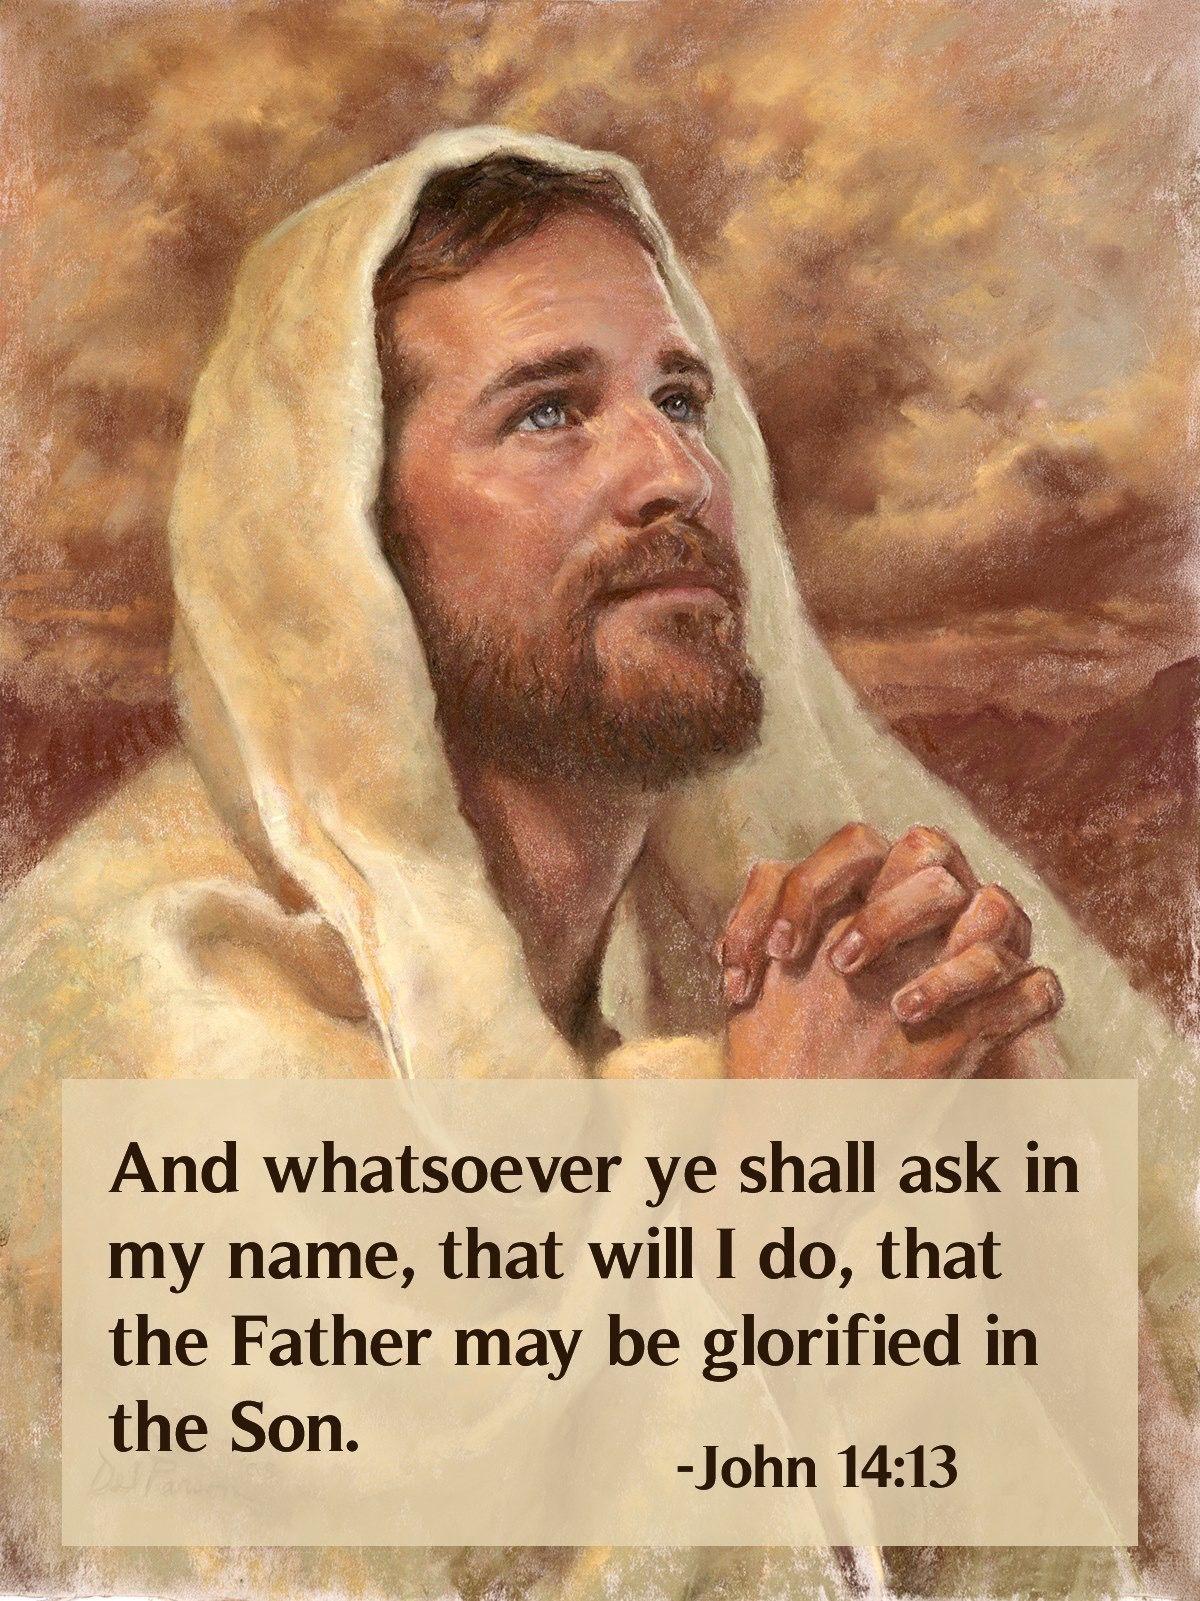 *Donne-nous notre Pain de ce jour (Vie) : Parole de DIEU *, *L'Évangile et le Livre du Ciel* - Page 5 99e983364d68b3c3648aa1acf42d71e5